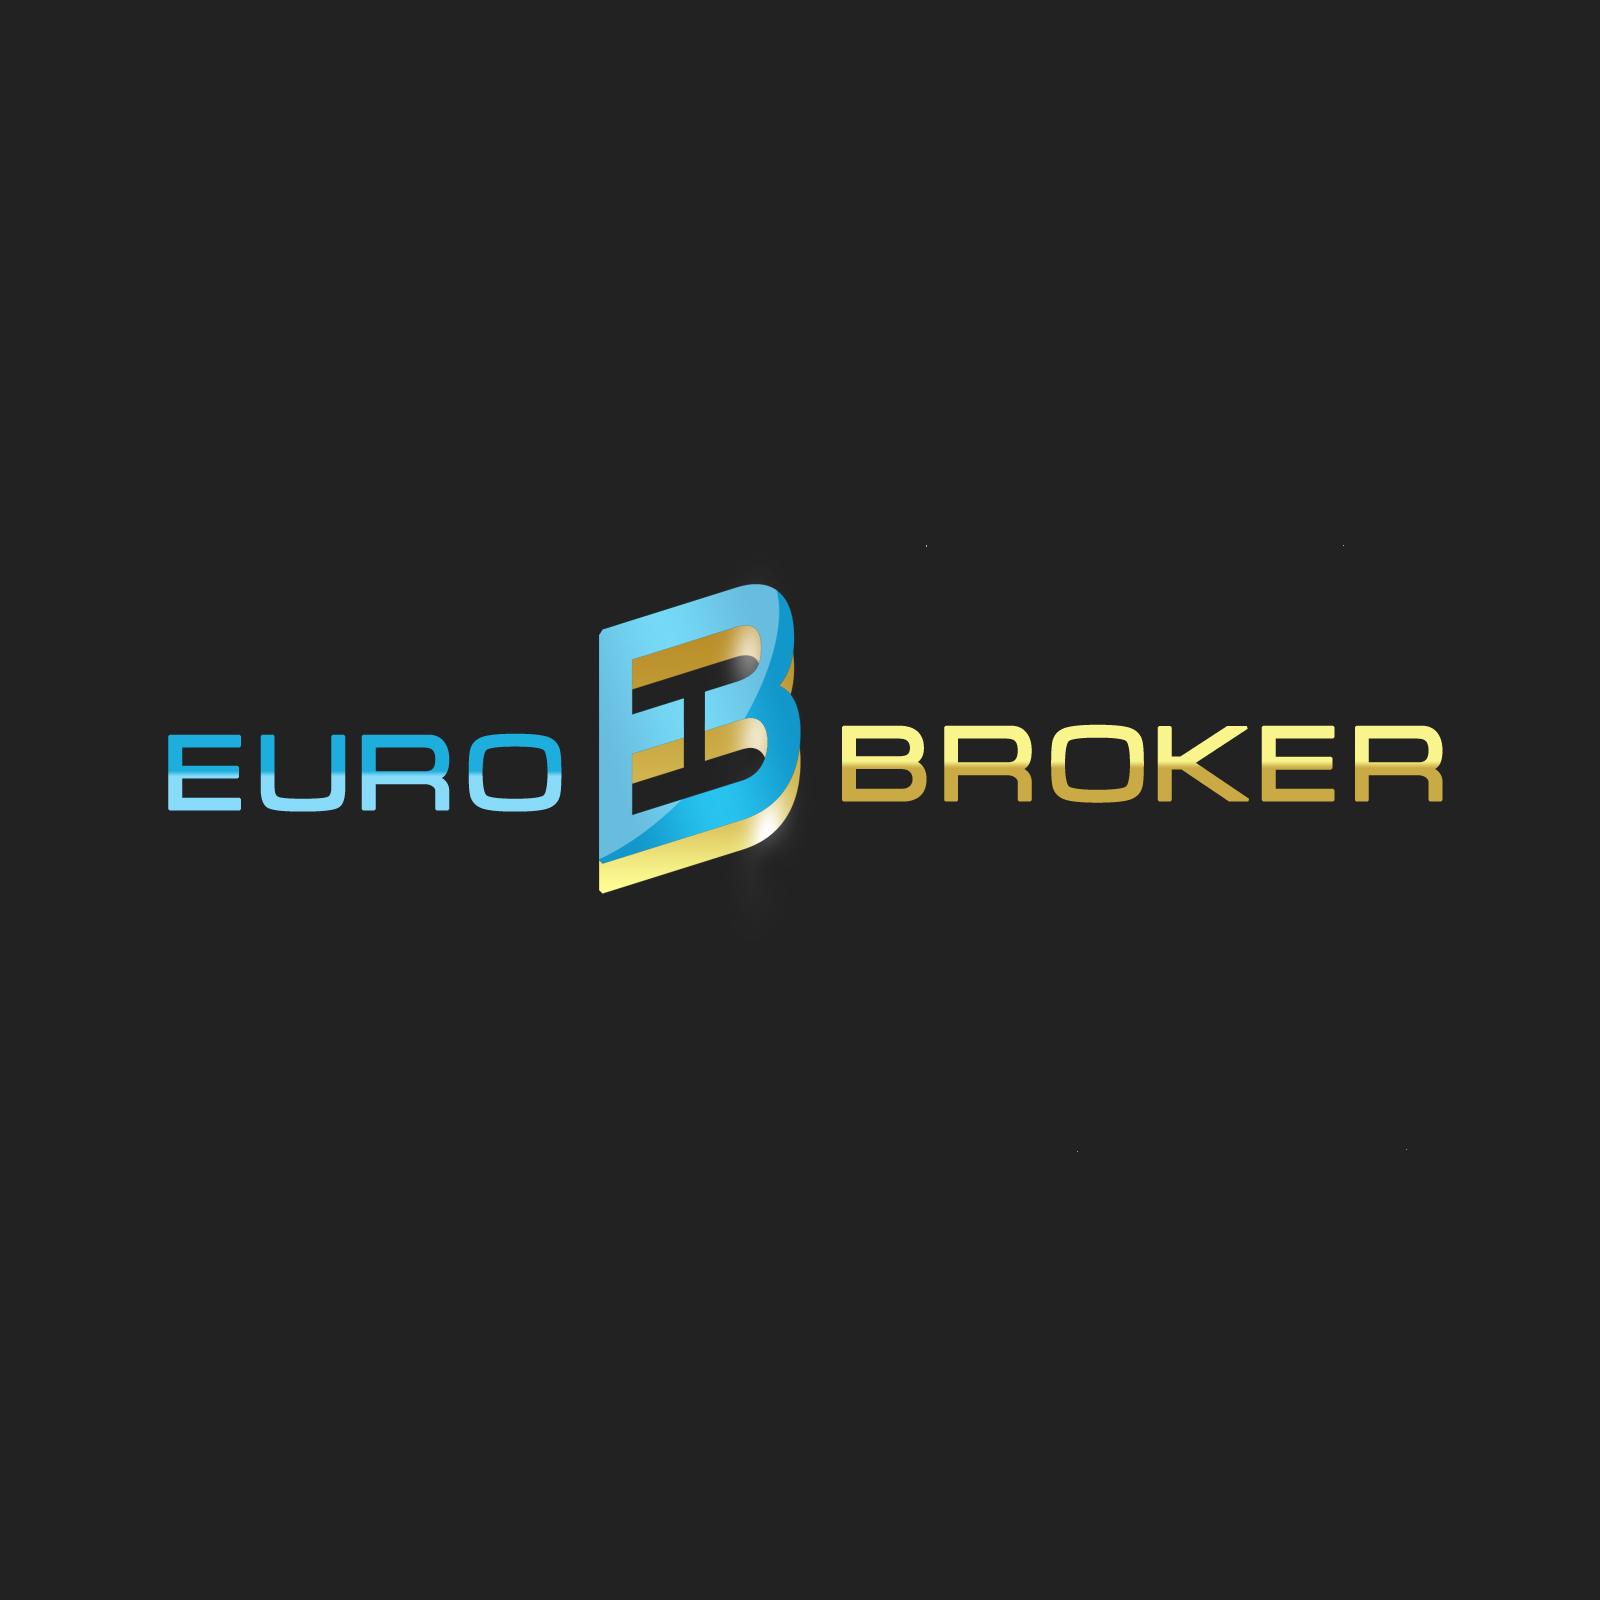 Разработка логотипа компании для сайта фото f_4bea99503f322.jpg